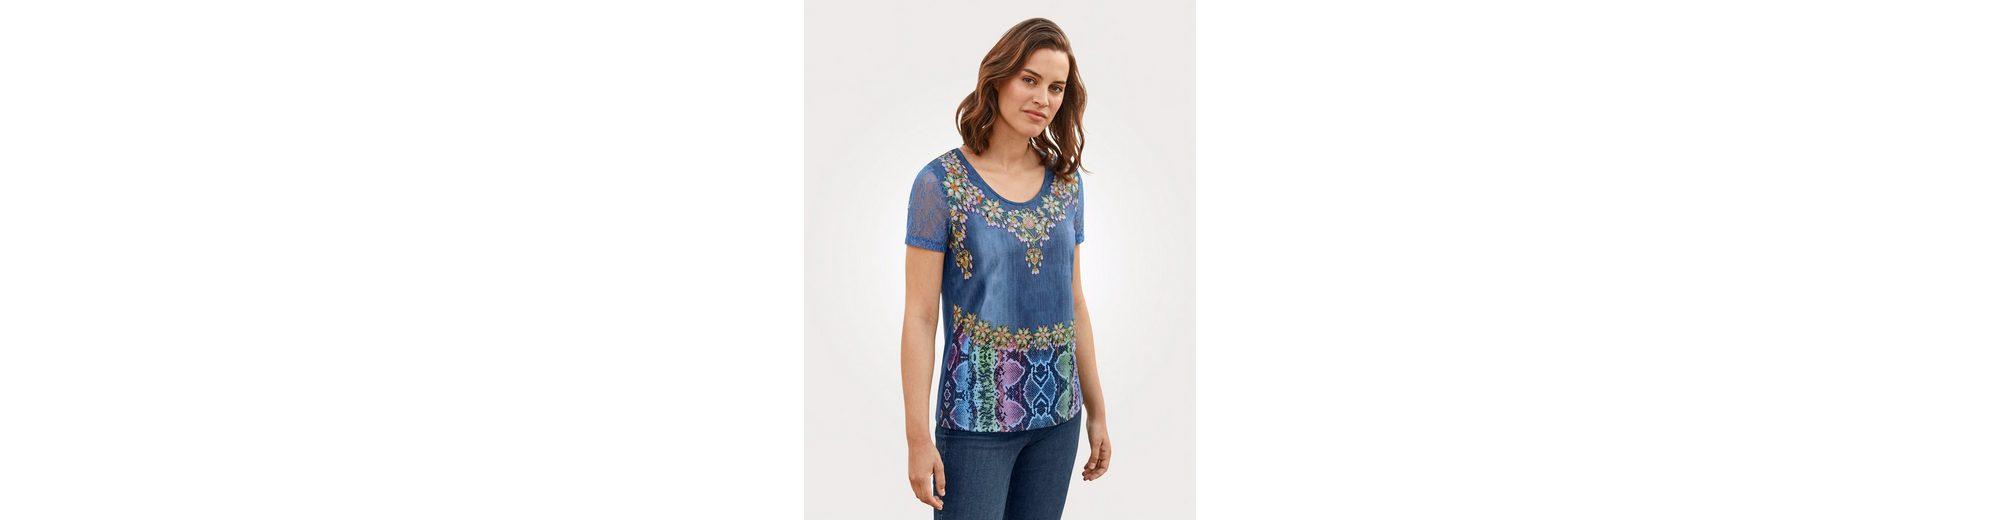 Mona Shirt mit einzigartigem Druckdessin Perfekte Online-Verkauf Freies Verschiffen Sammlungen Billig Verkauf Genießen bCIJvx0cNM